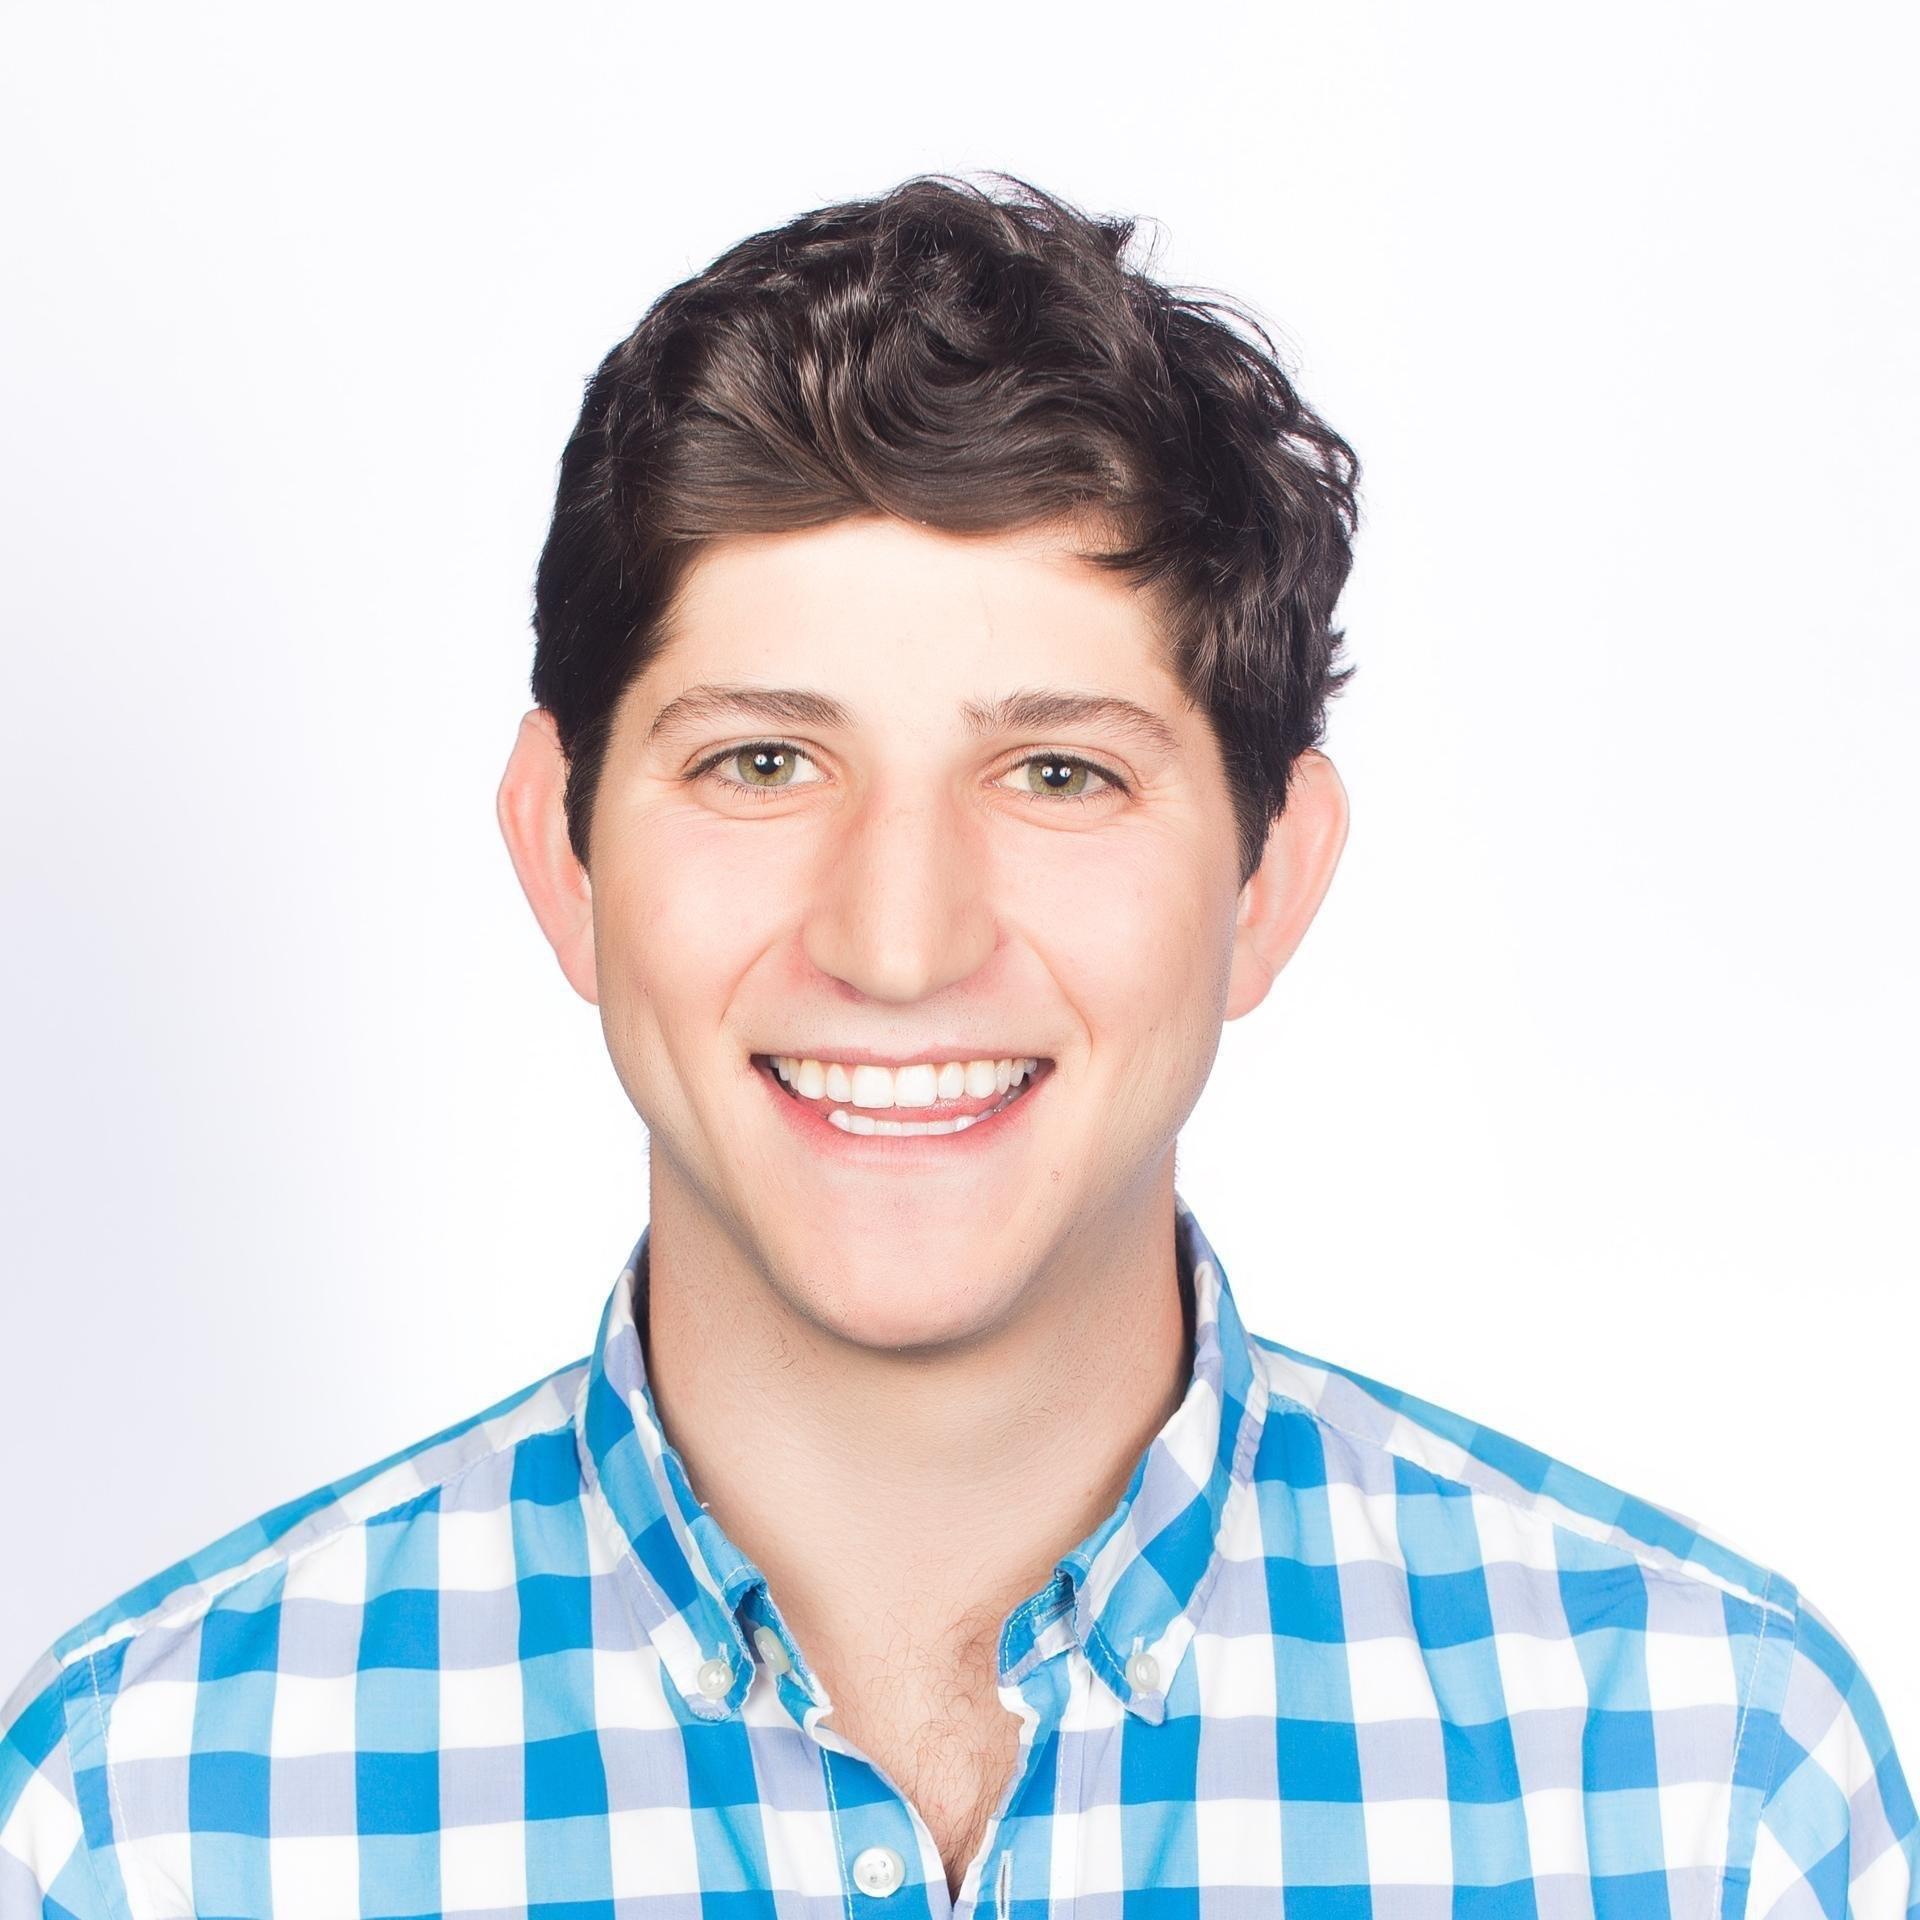 Ryan Sandler